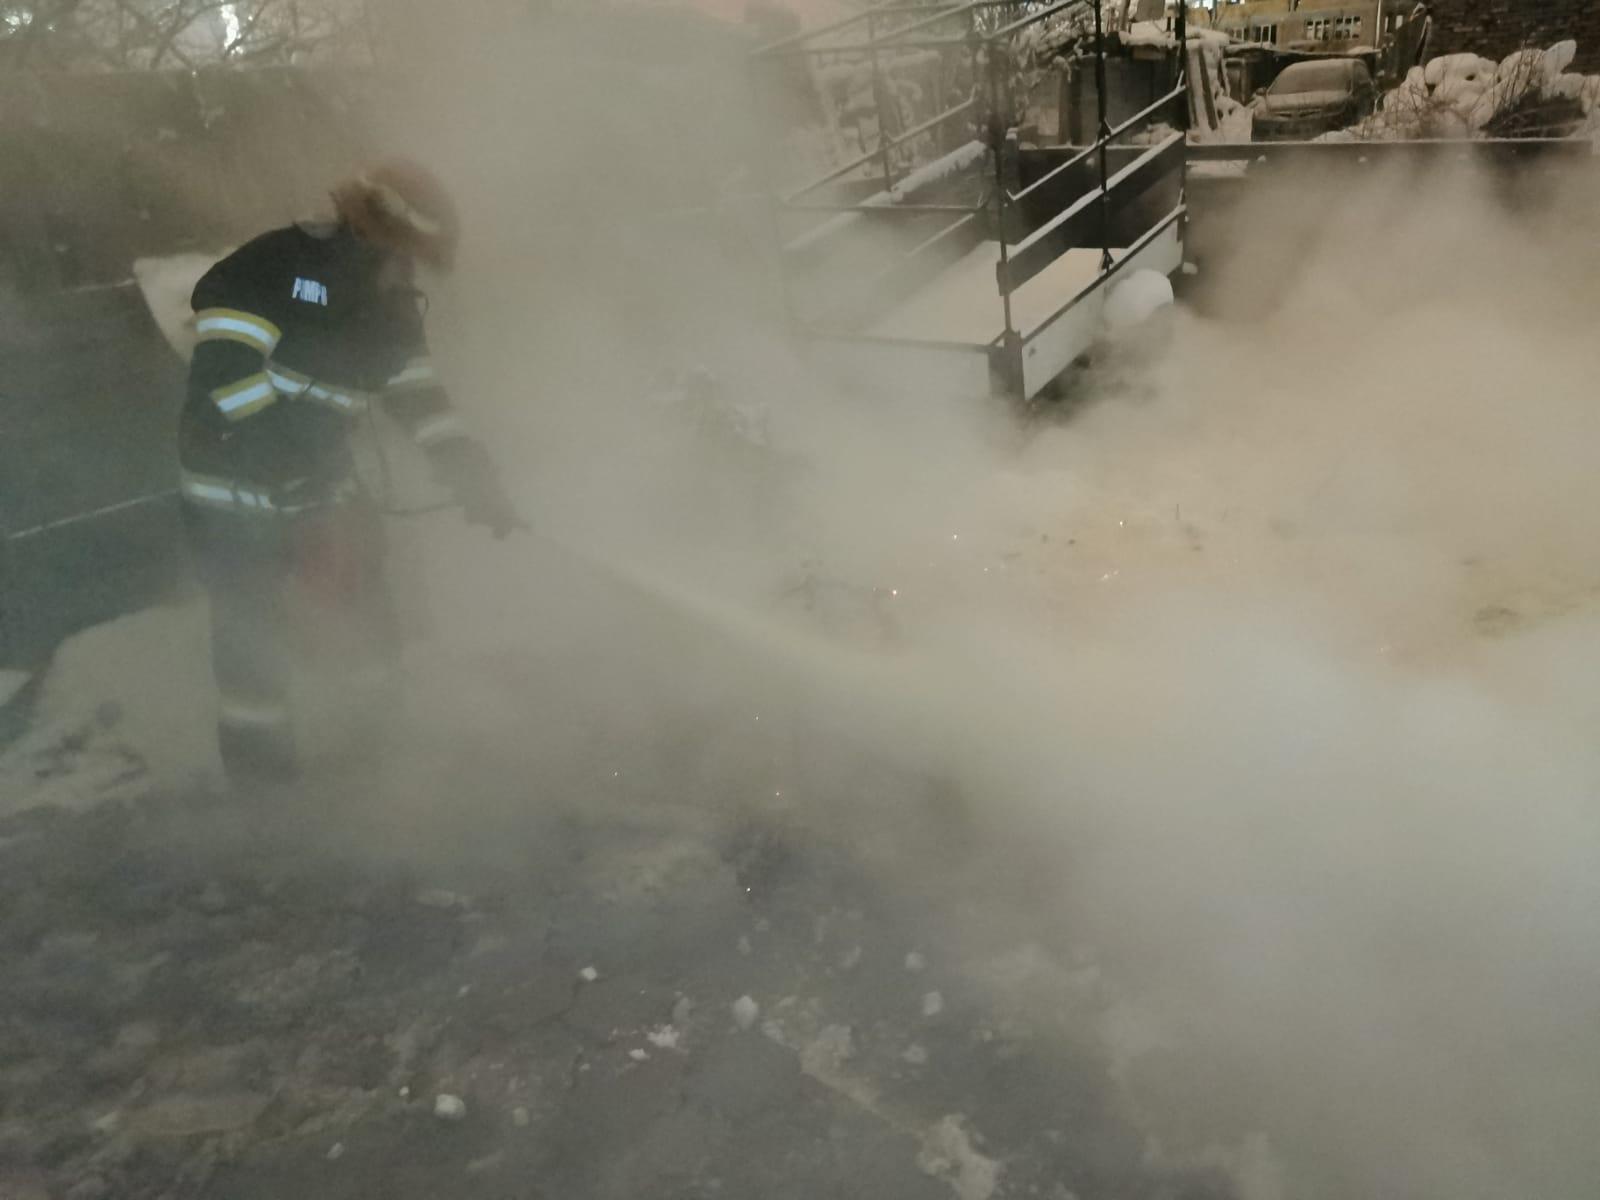 Pompierii militari au intervenit noaptea trecută pentru stingerea a 2 incendii